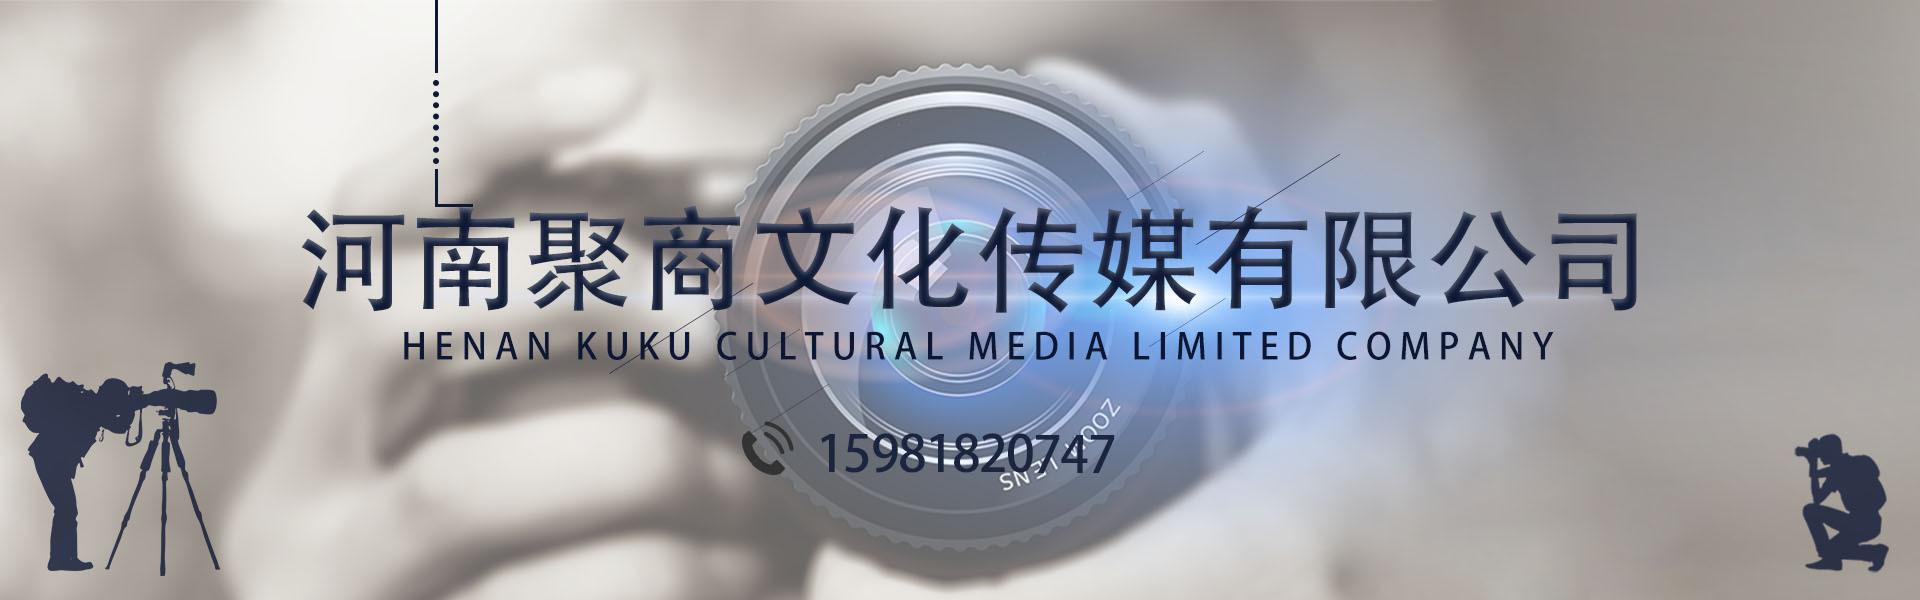 郑州影视公司